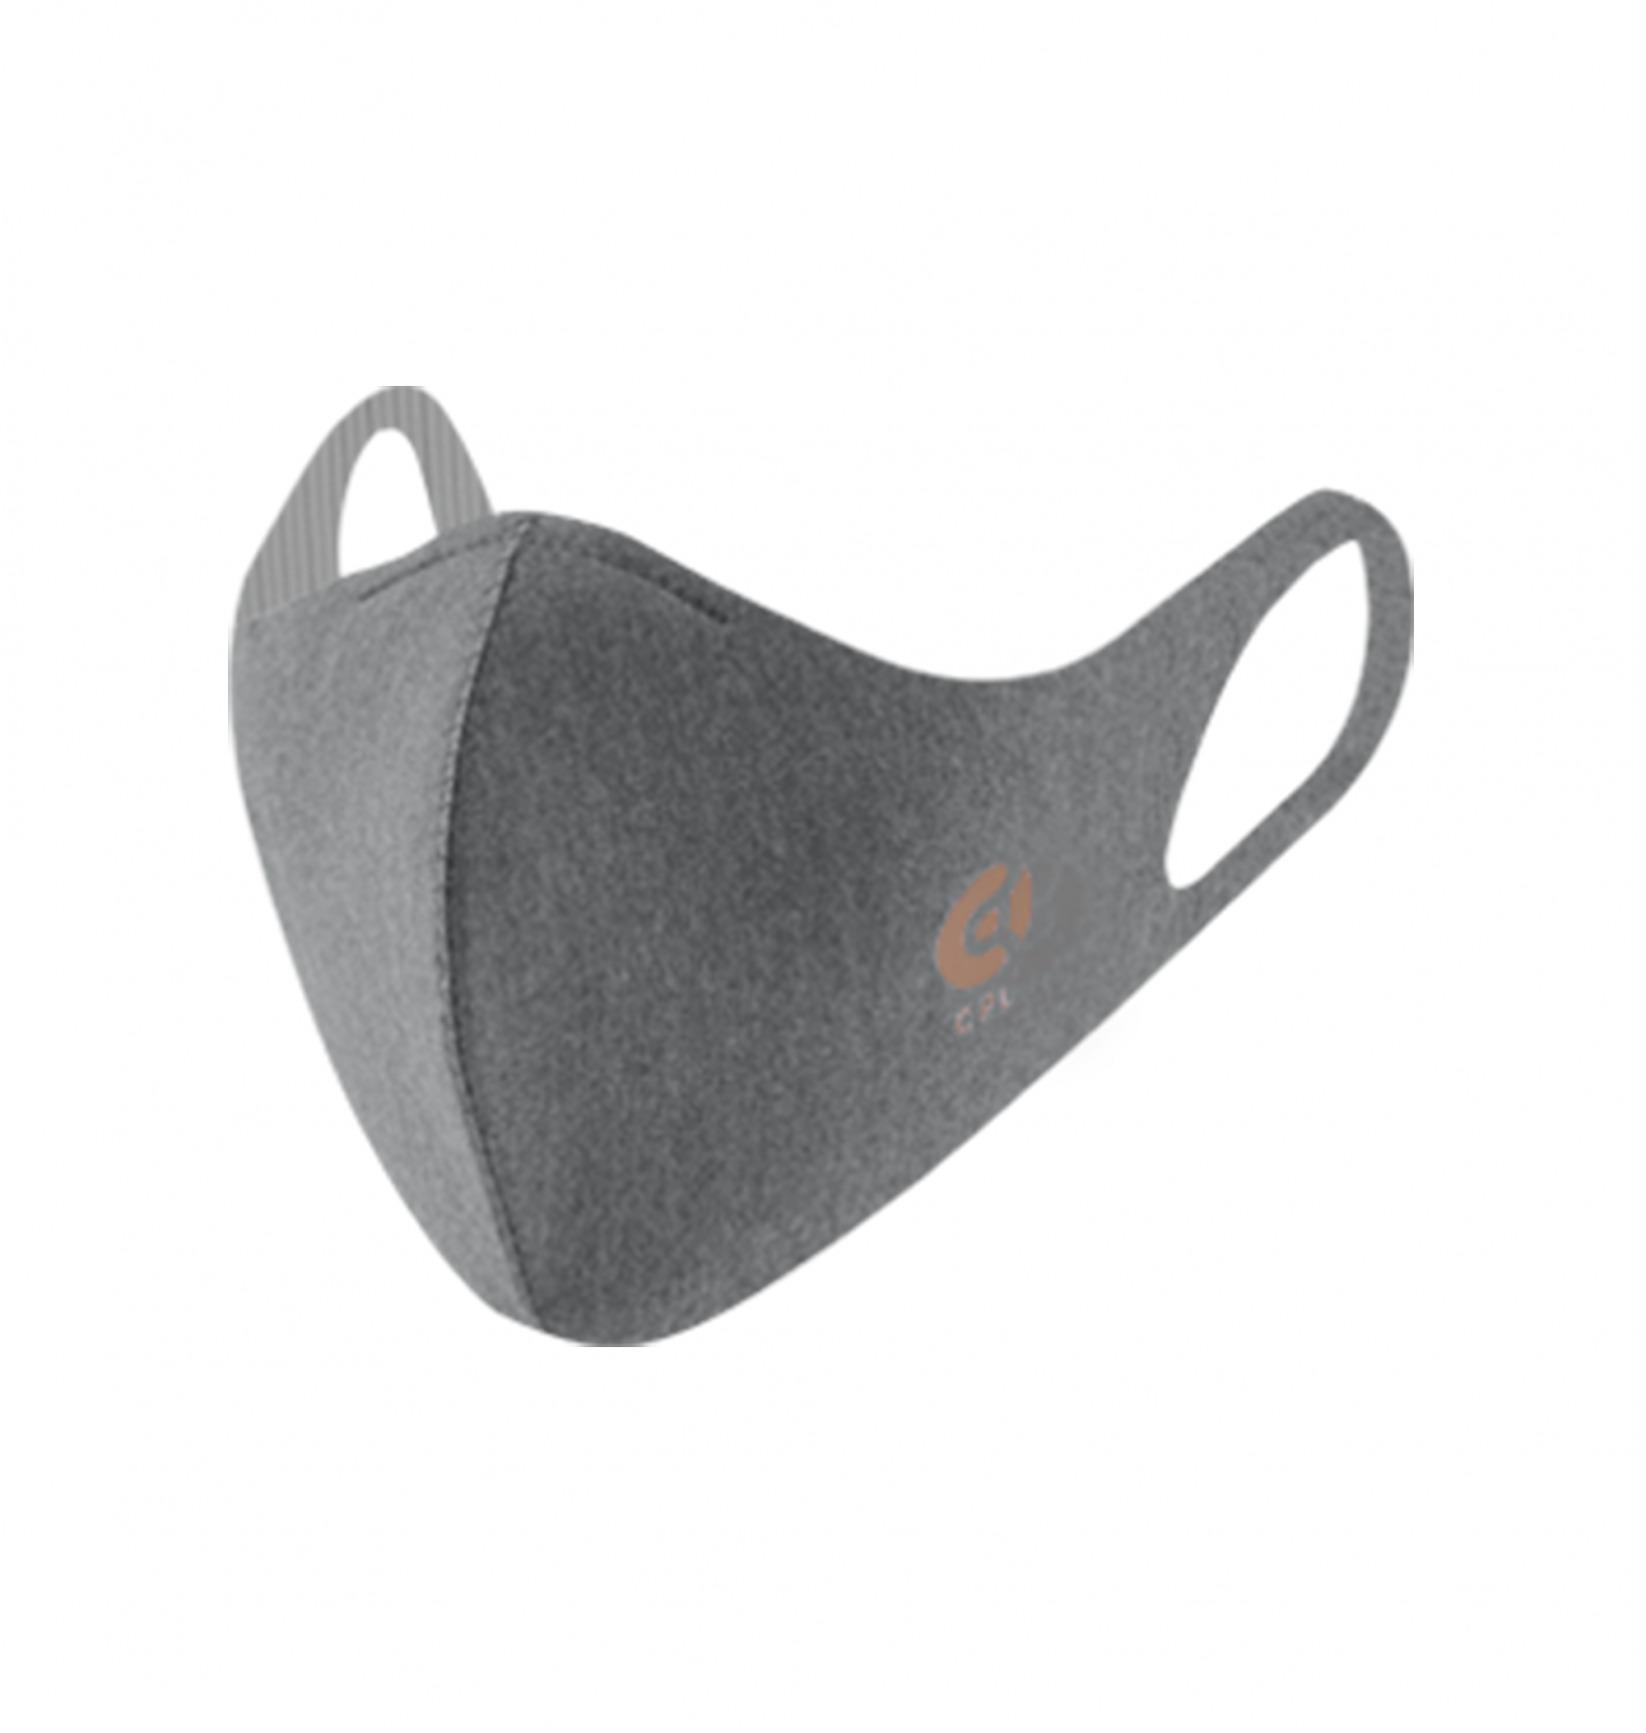 コパーライン 銅抗菌マスク チャコールグレー